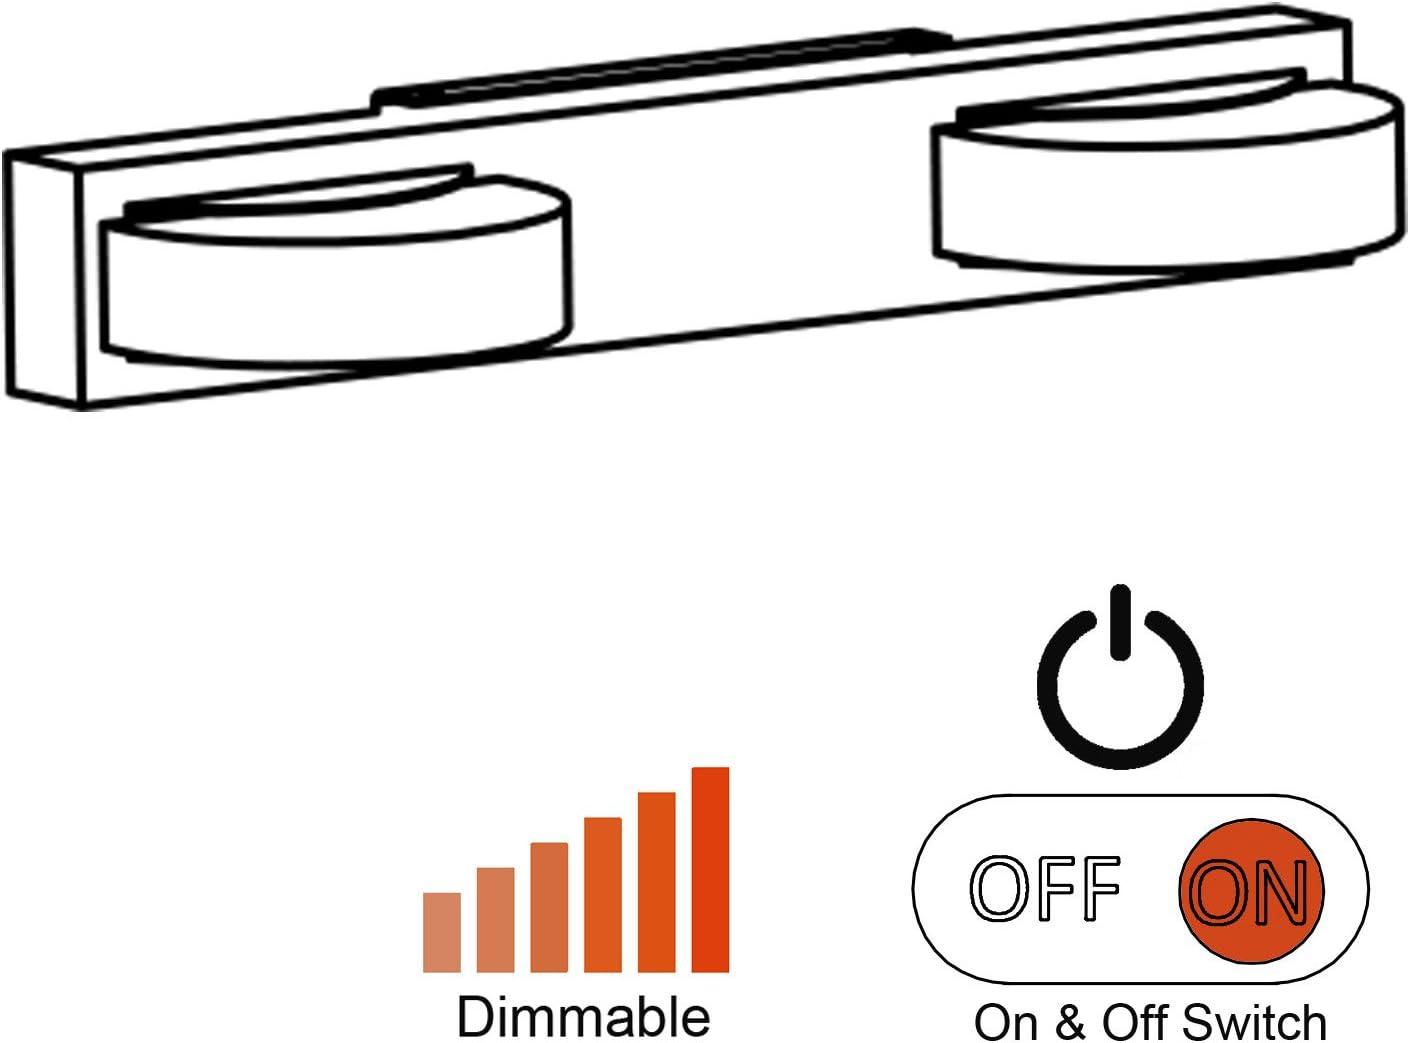 remorque bateau Facon Lumi/ère de mur de plafond de 12V LED avec le blanc variable de commutateur pour le RV camping-car caravane lumi/ère de colonne de salle de bains LED